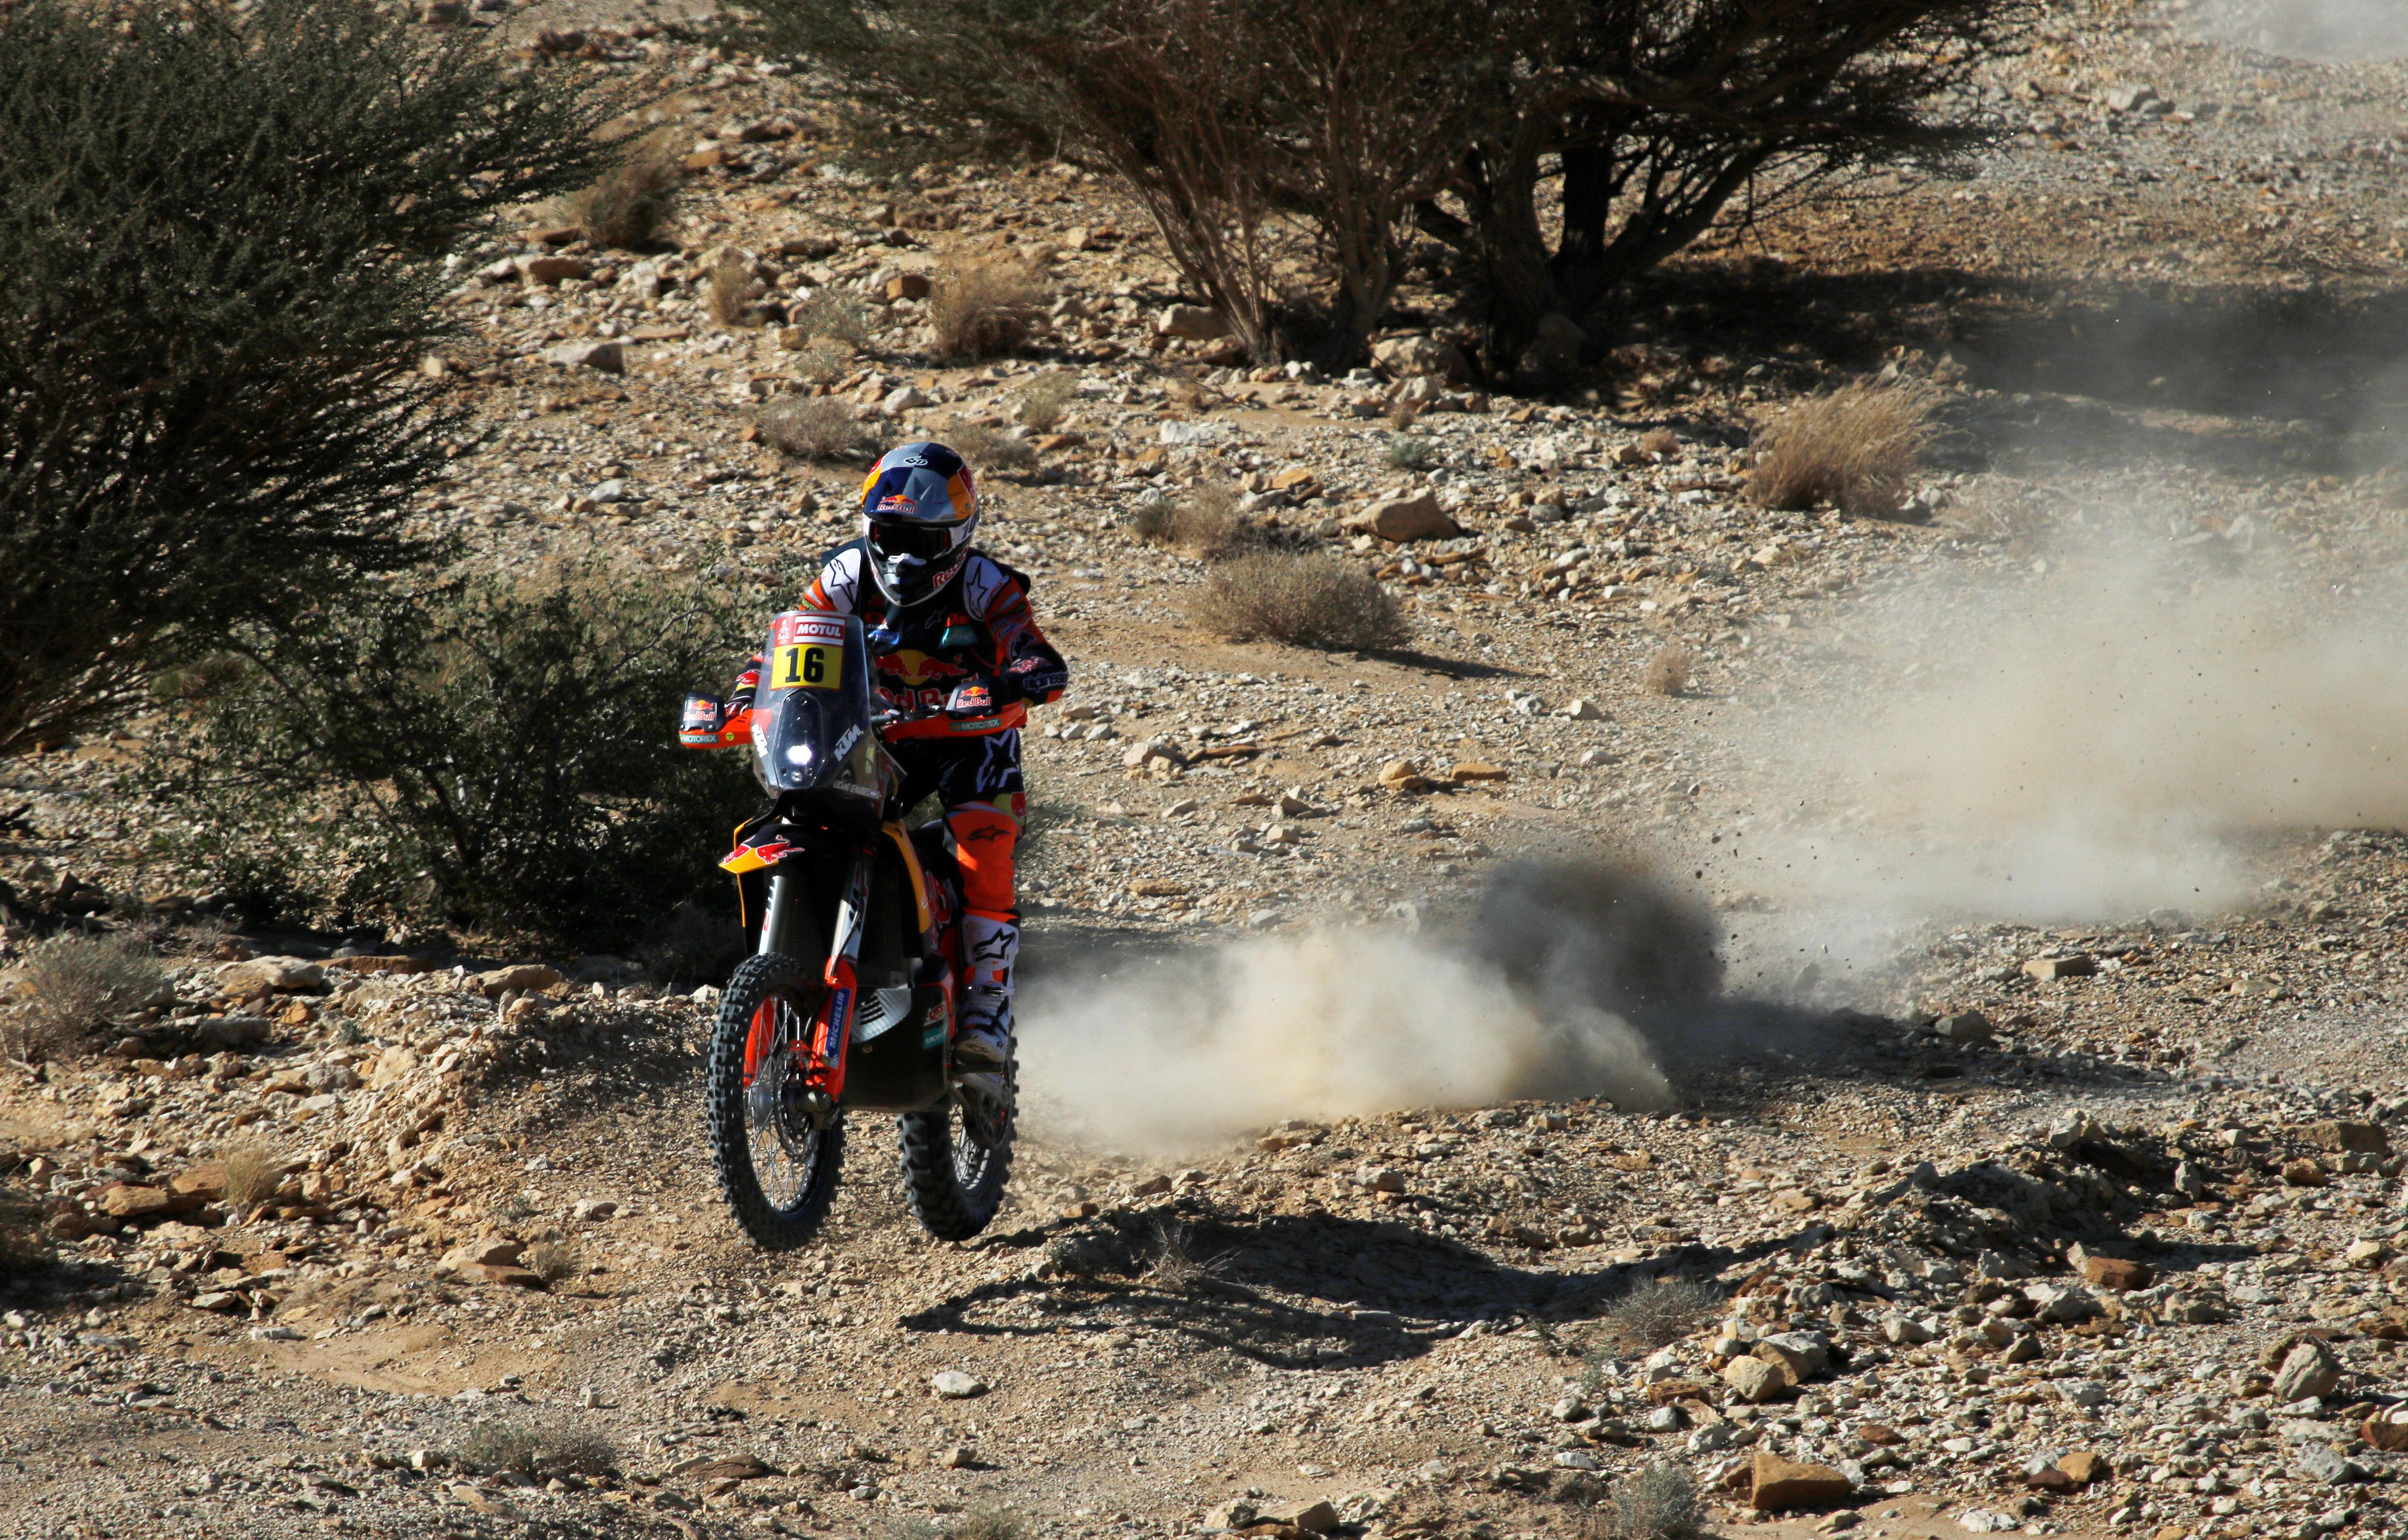 Las motos reanudaron la competición después de la etapa cancelada este lunes en señal del luto por el mortal accidente que sufrió el día anterior el piloto portugués Paulo Gonçalves